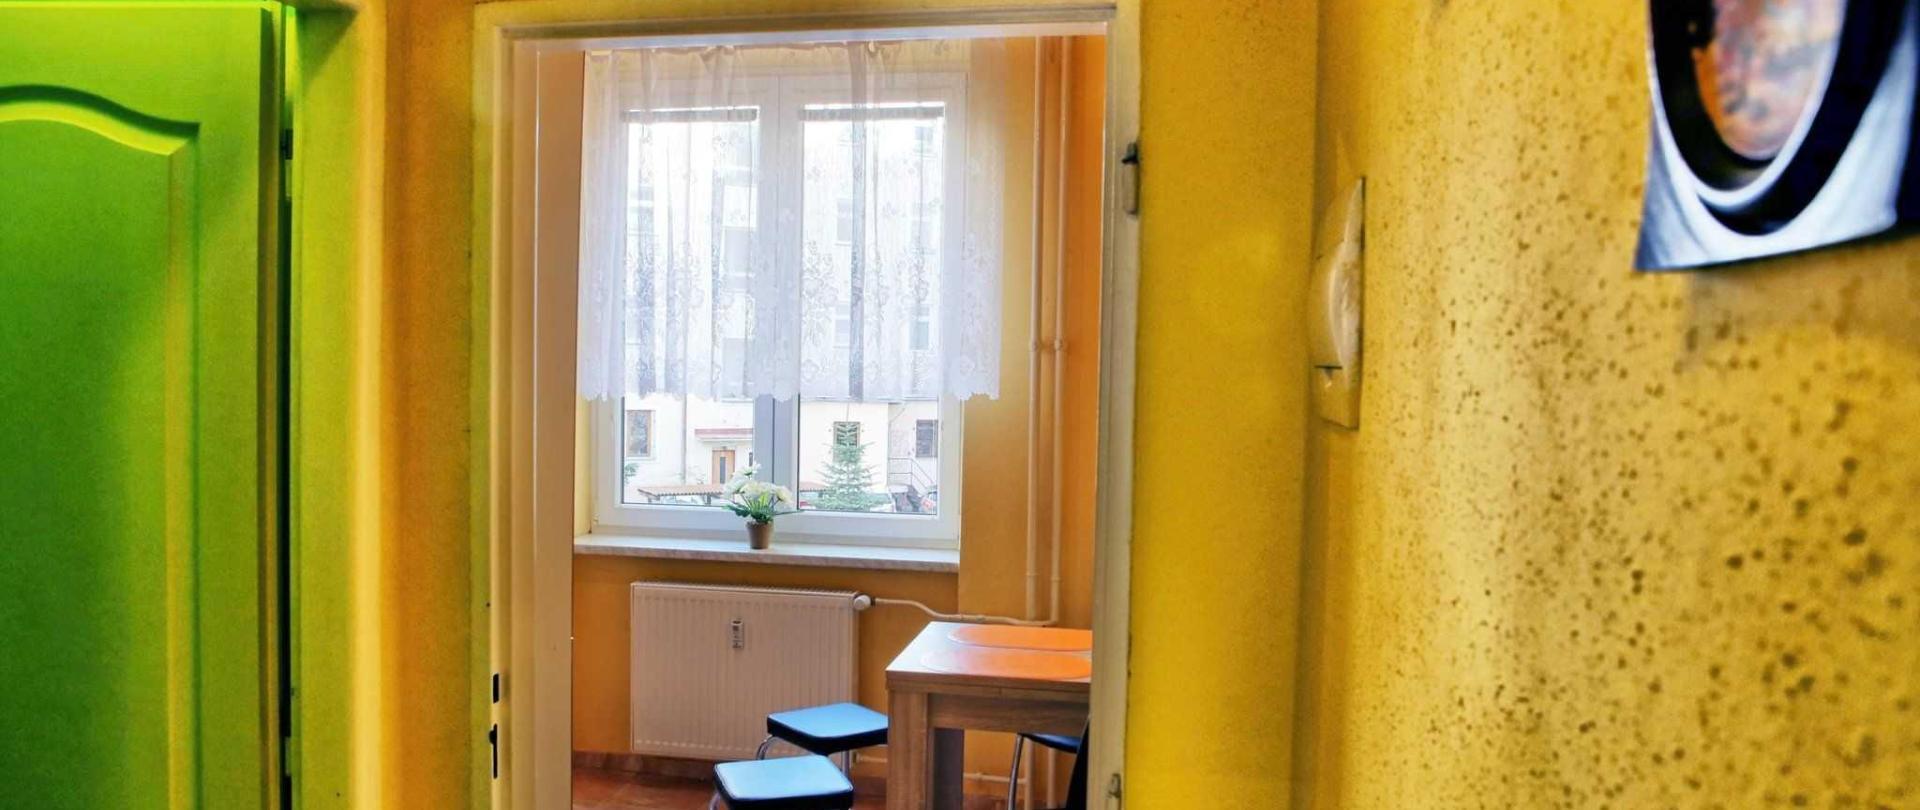 apartm-n-ert-v-ostrov-12.jpg